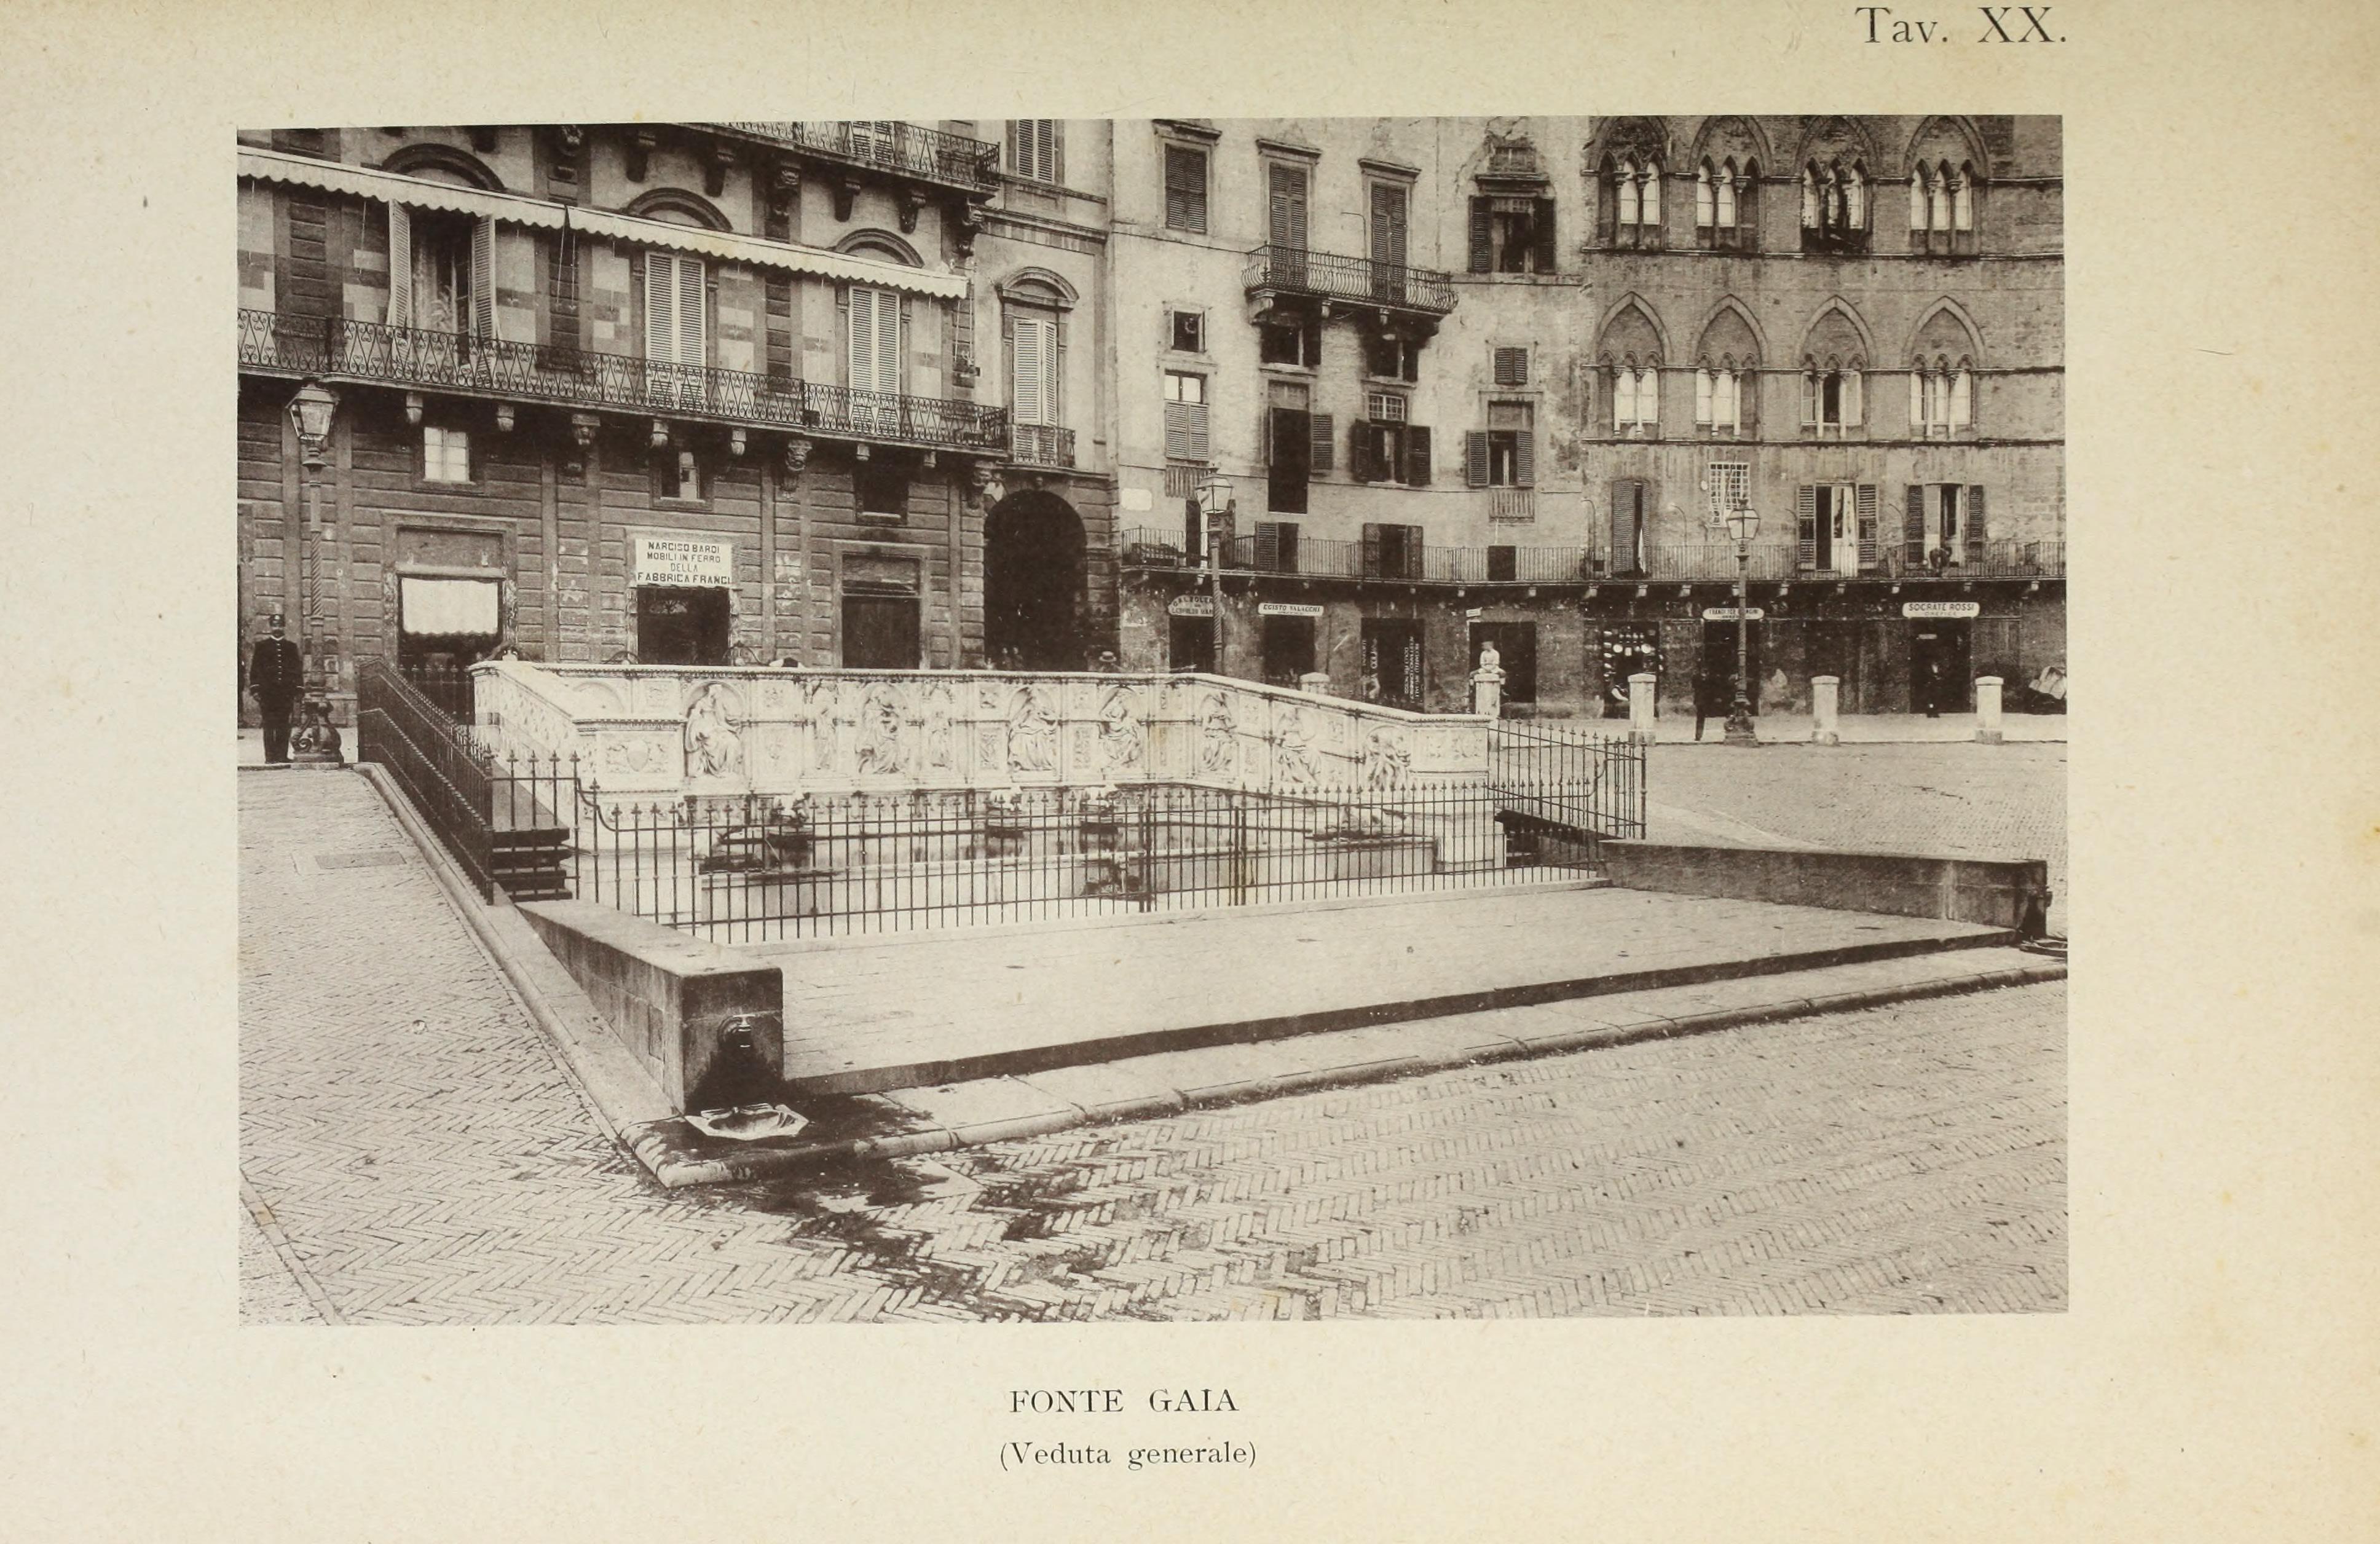 Le fonti di Siena e i loro aquedotti, note storiche dalle origini fino al MDLV (1906) (14754353596).jpg